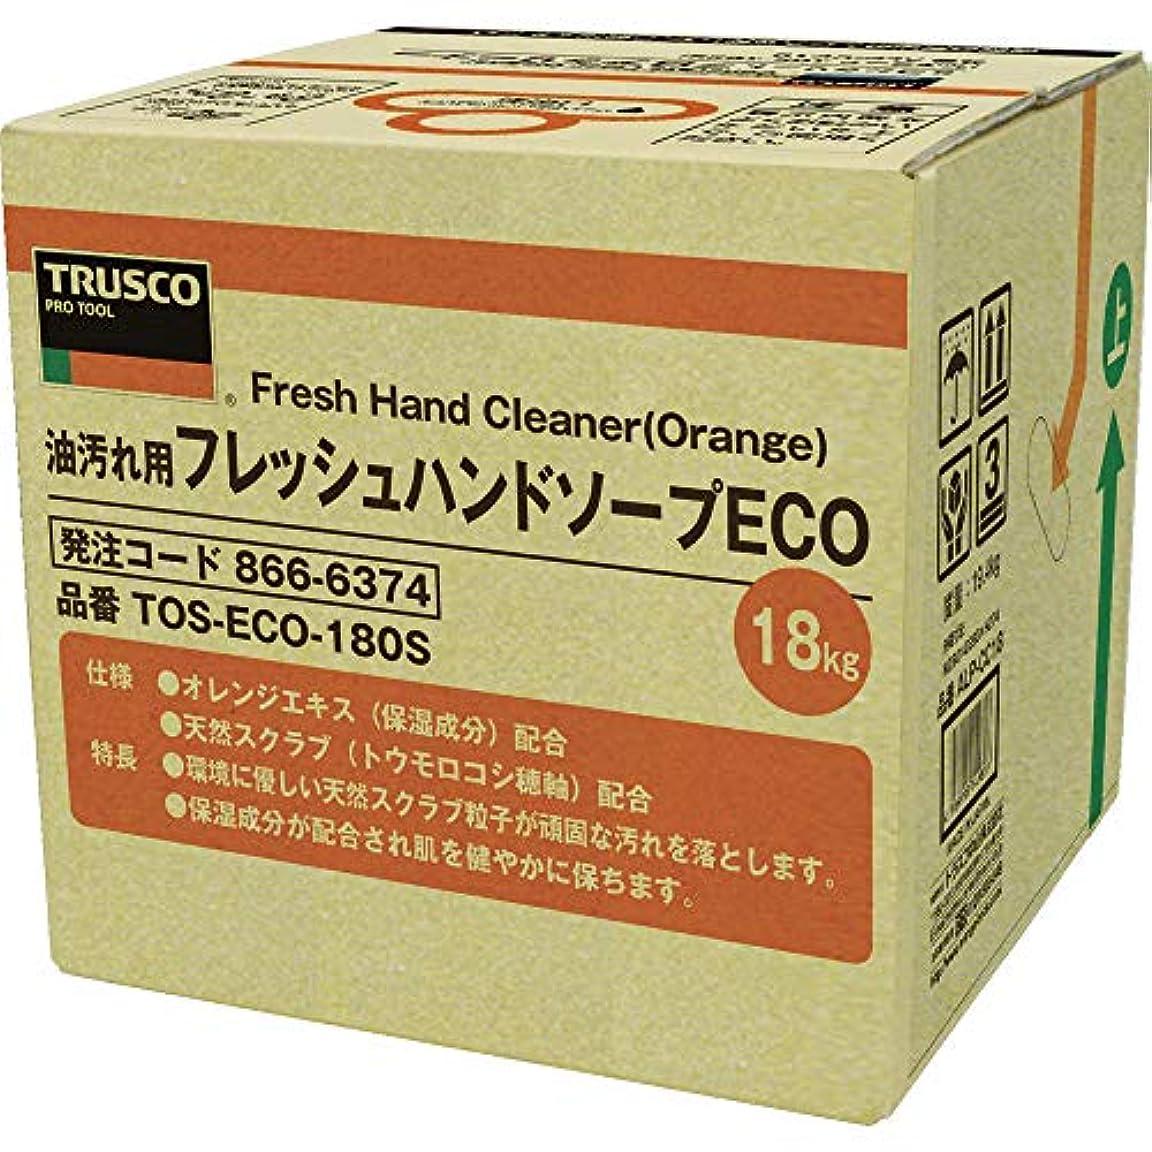 リネンスポンジ学校教育TRUSCO(トラスコ) フレッシュハンドソープECO 18L 詰替 バッグインボックス TOSECO180S